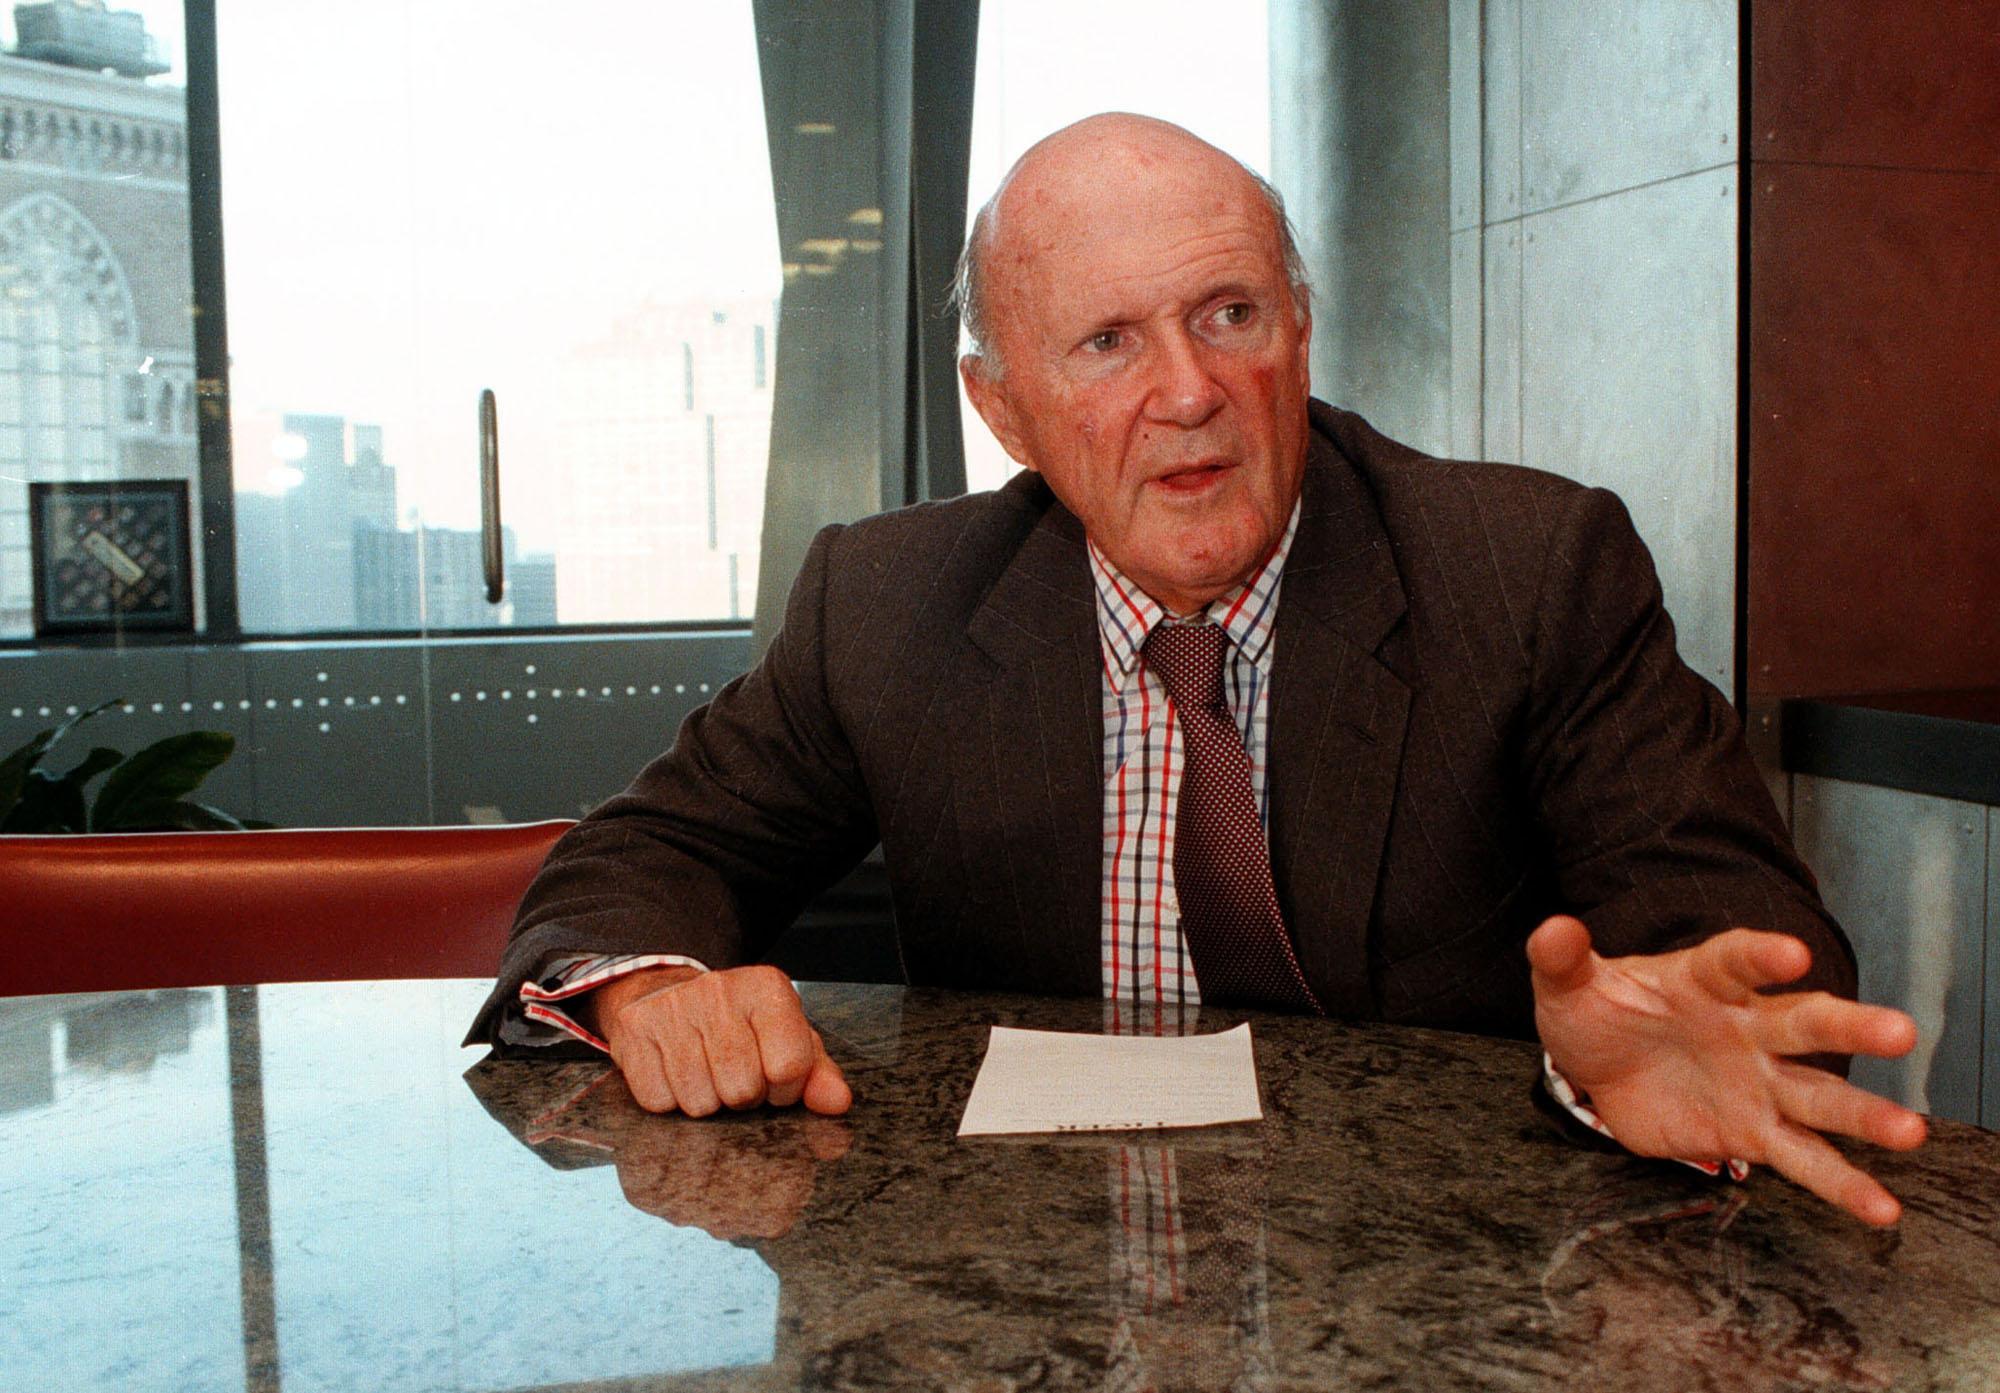 Julian Robertson of Tiger Management LP